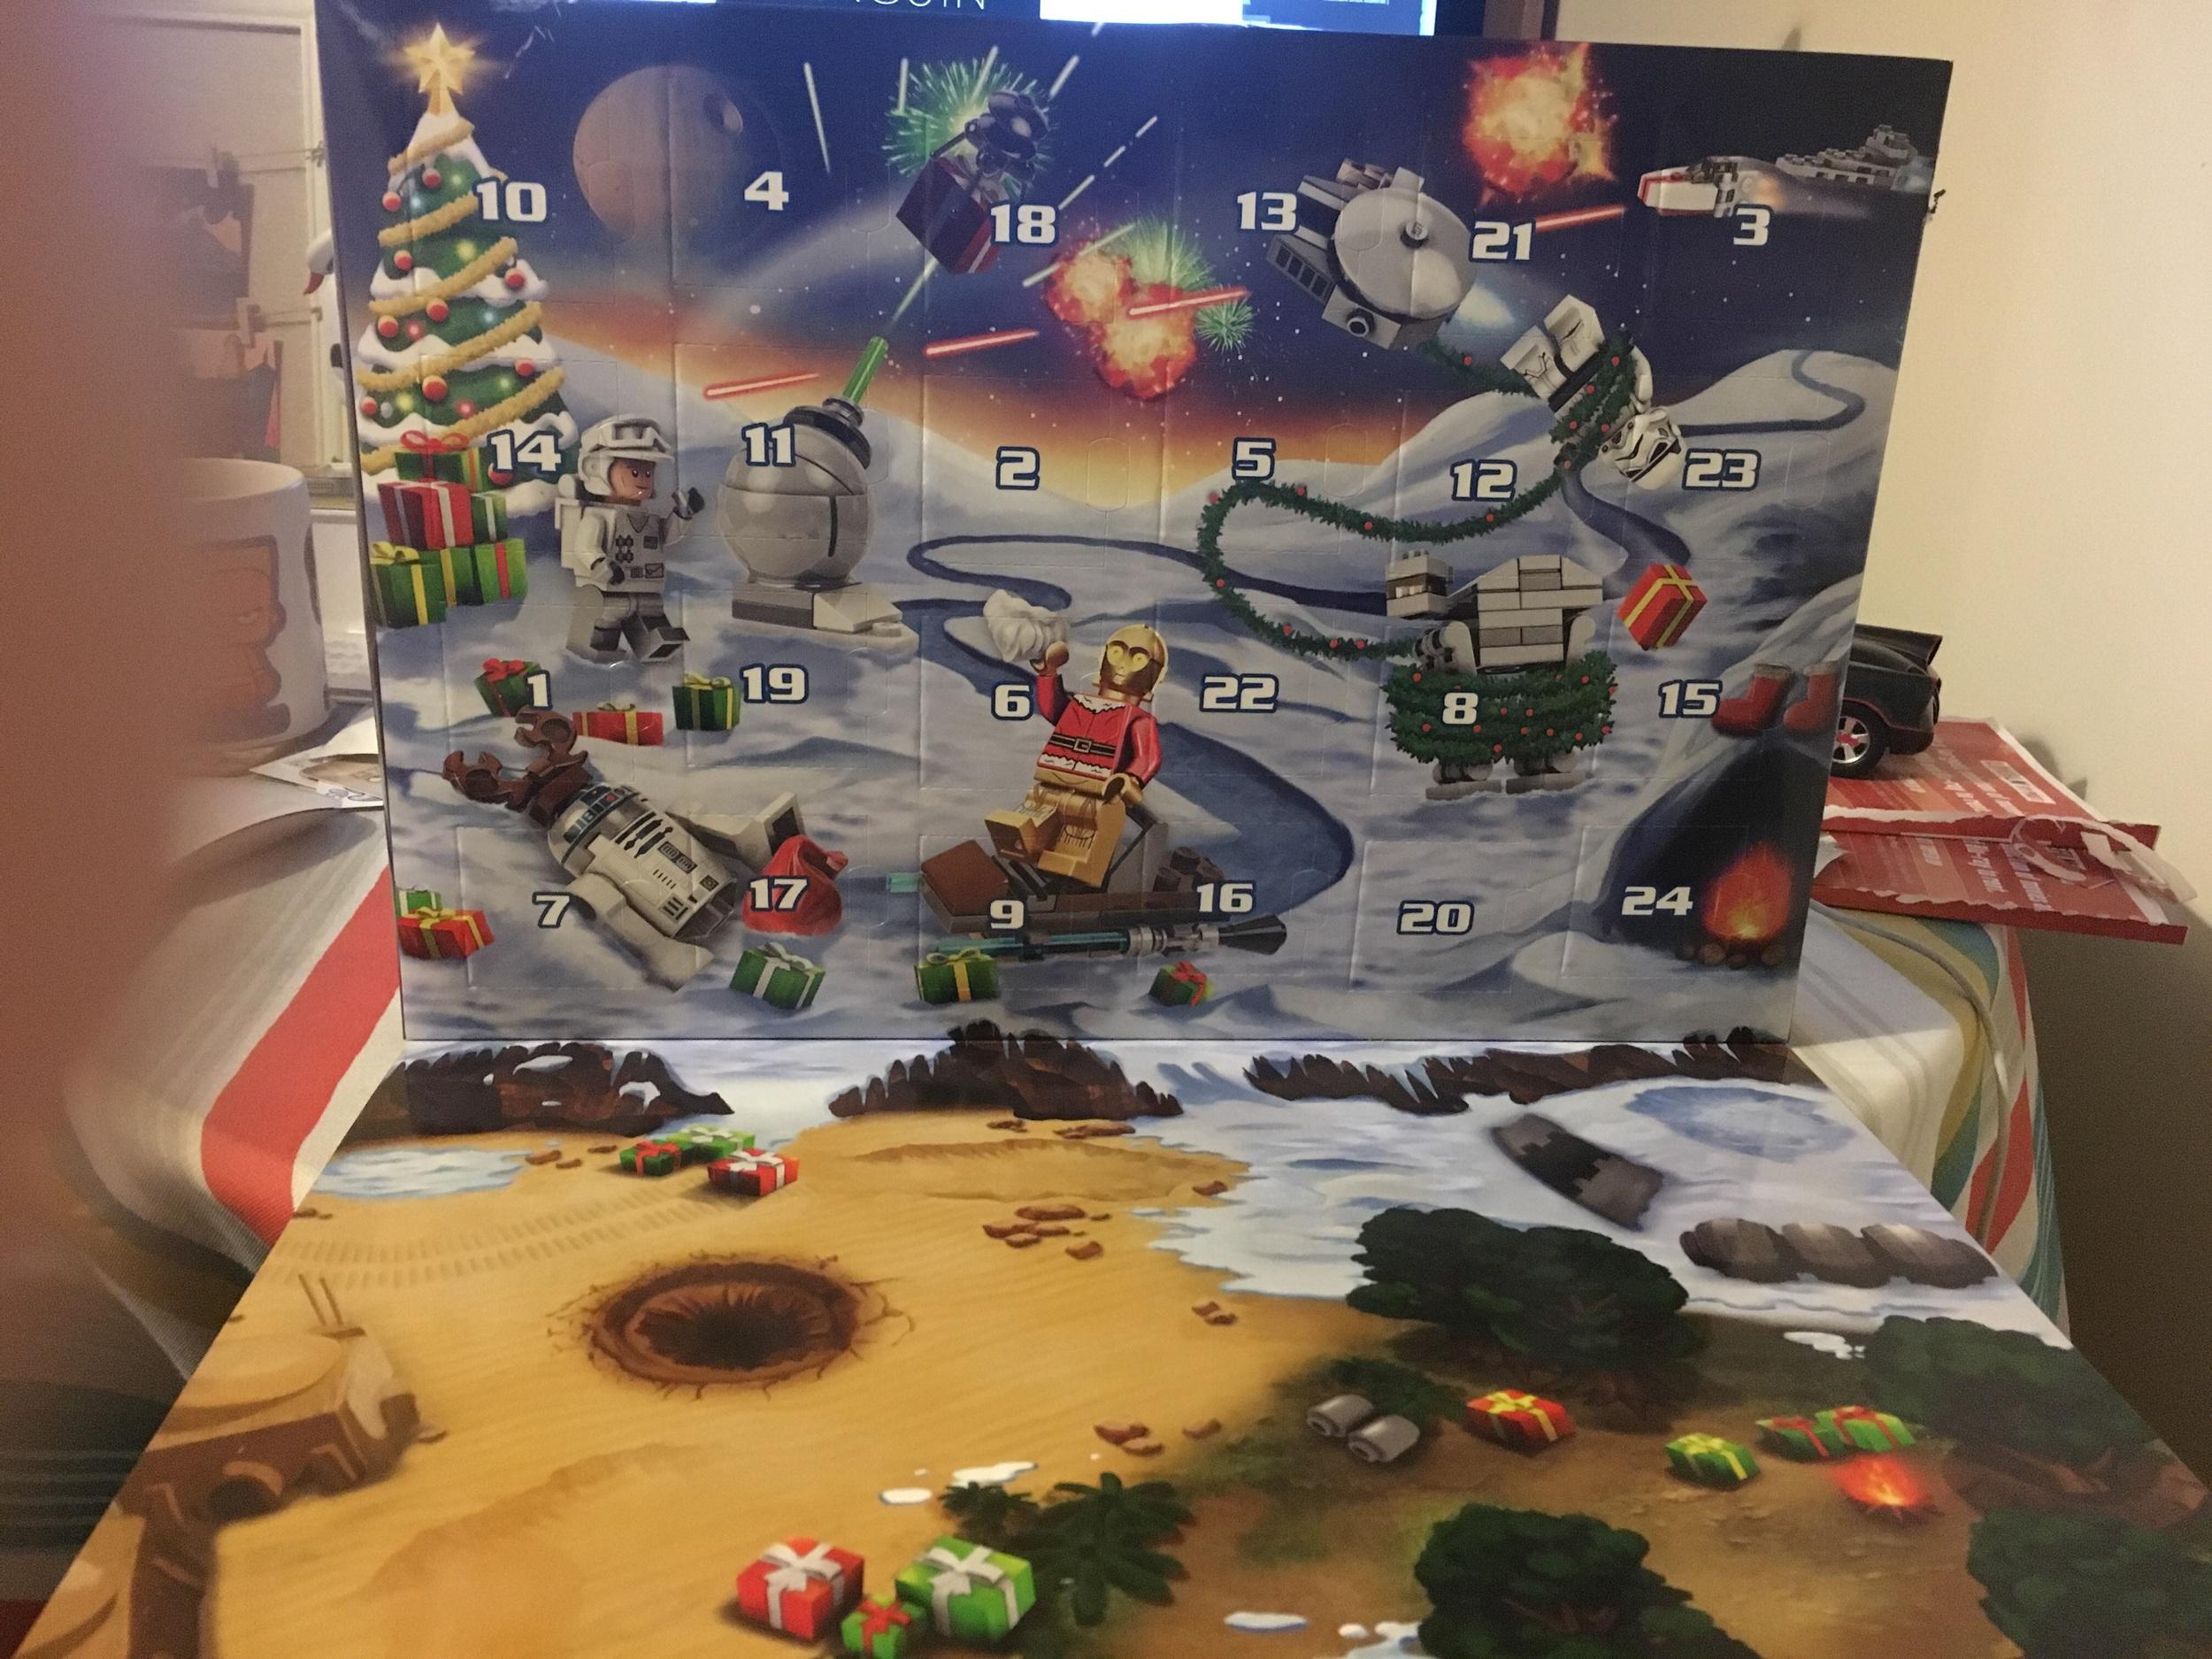 My Star Wars Lego Advent Calendar